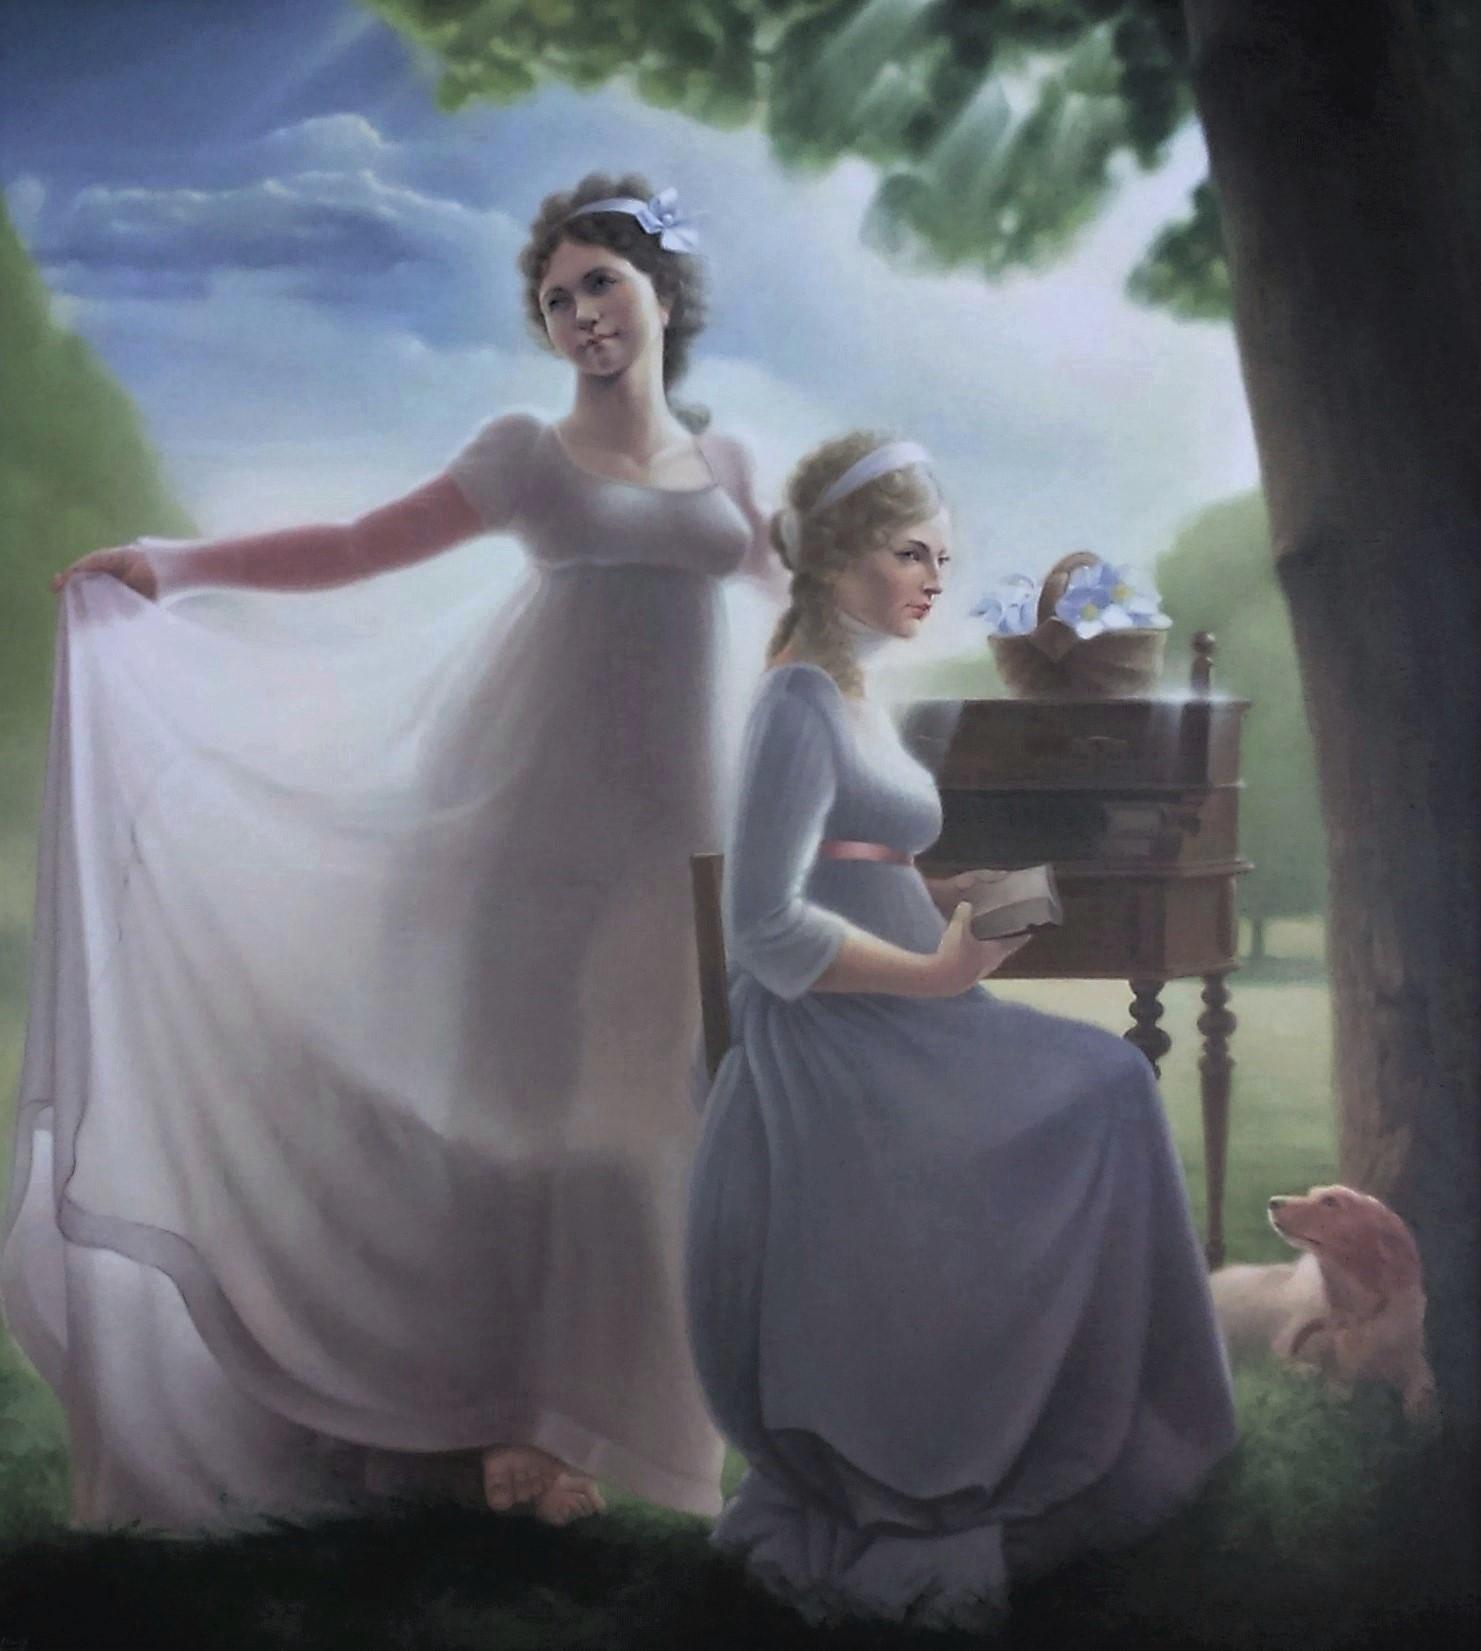 Luise und Friederike von Mecklenburg - Strelitz, Prinzessinnen von Preußen, Öl auf Leinwand, 90 x 100 cm